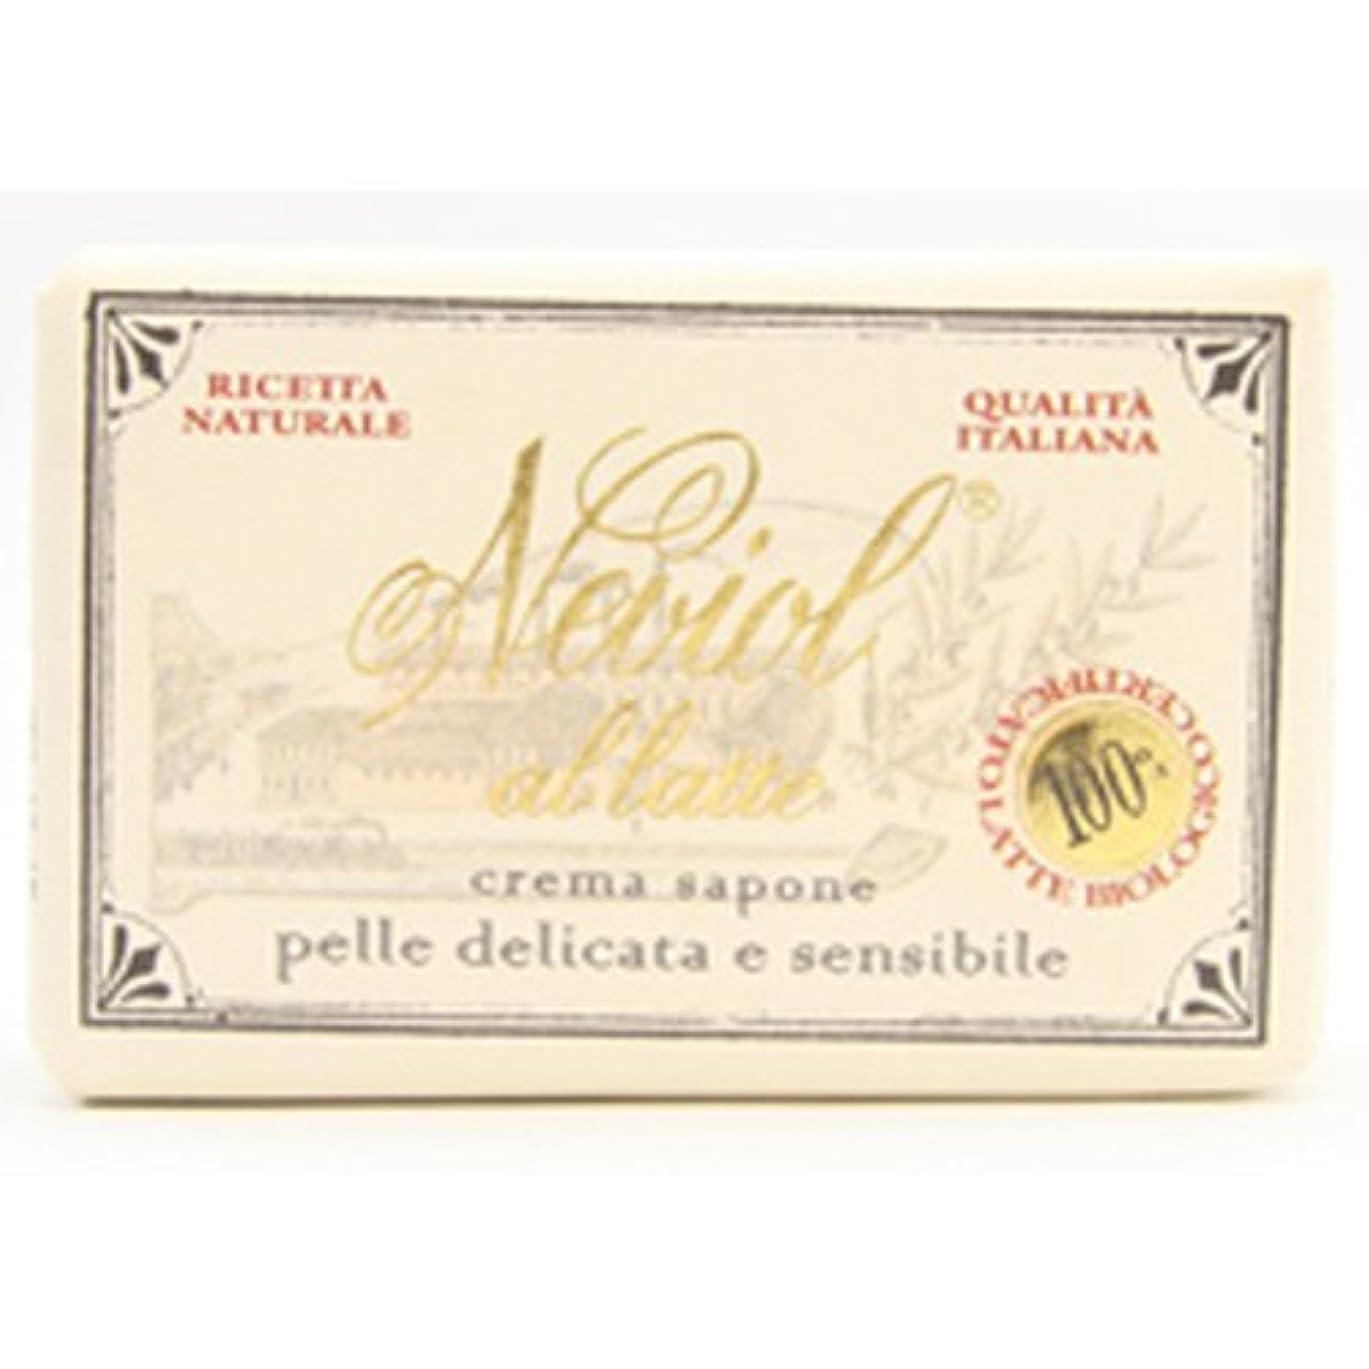 ここにマットレスアンケートSaponerire Fissi  サポネリーフィッシー milk baby soap ミルク ベビー ソープ 150g cream sapone